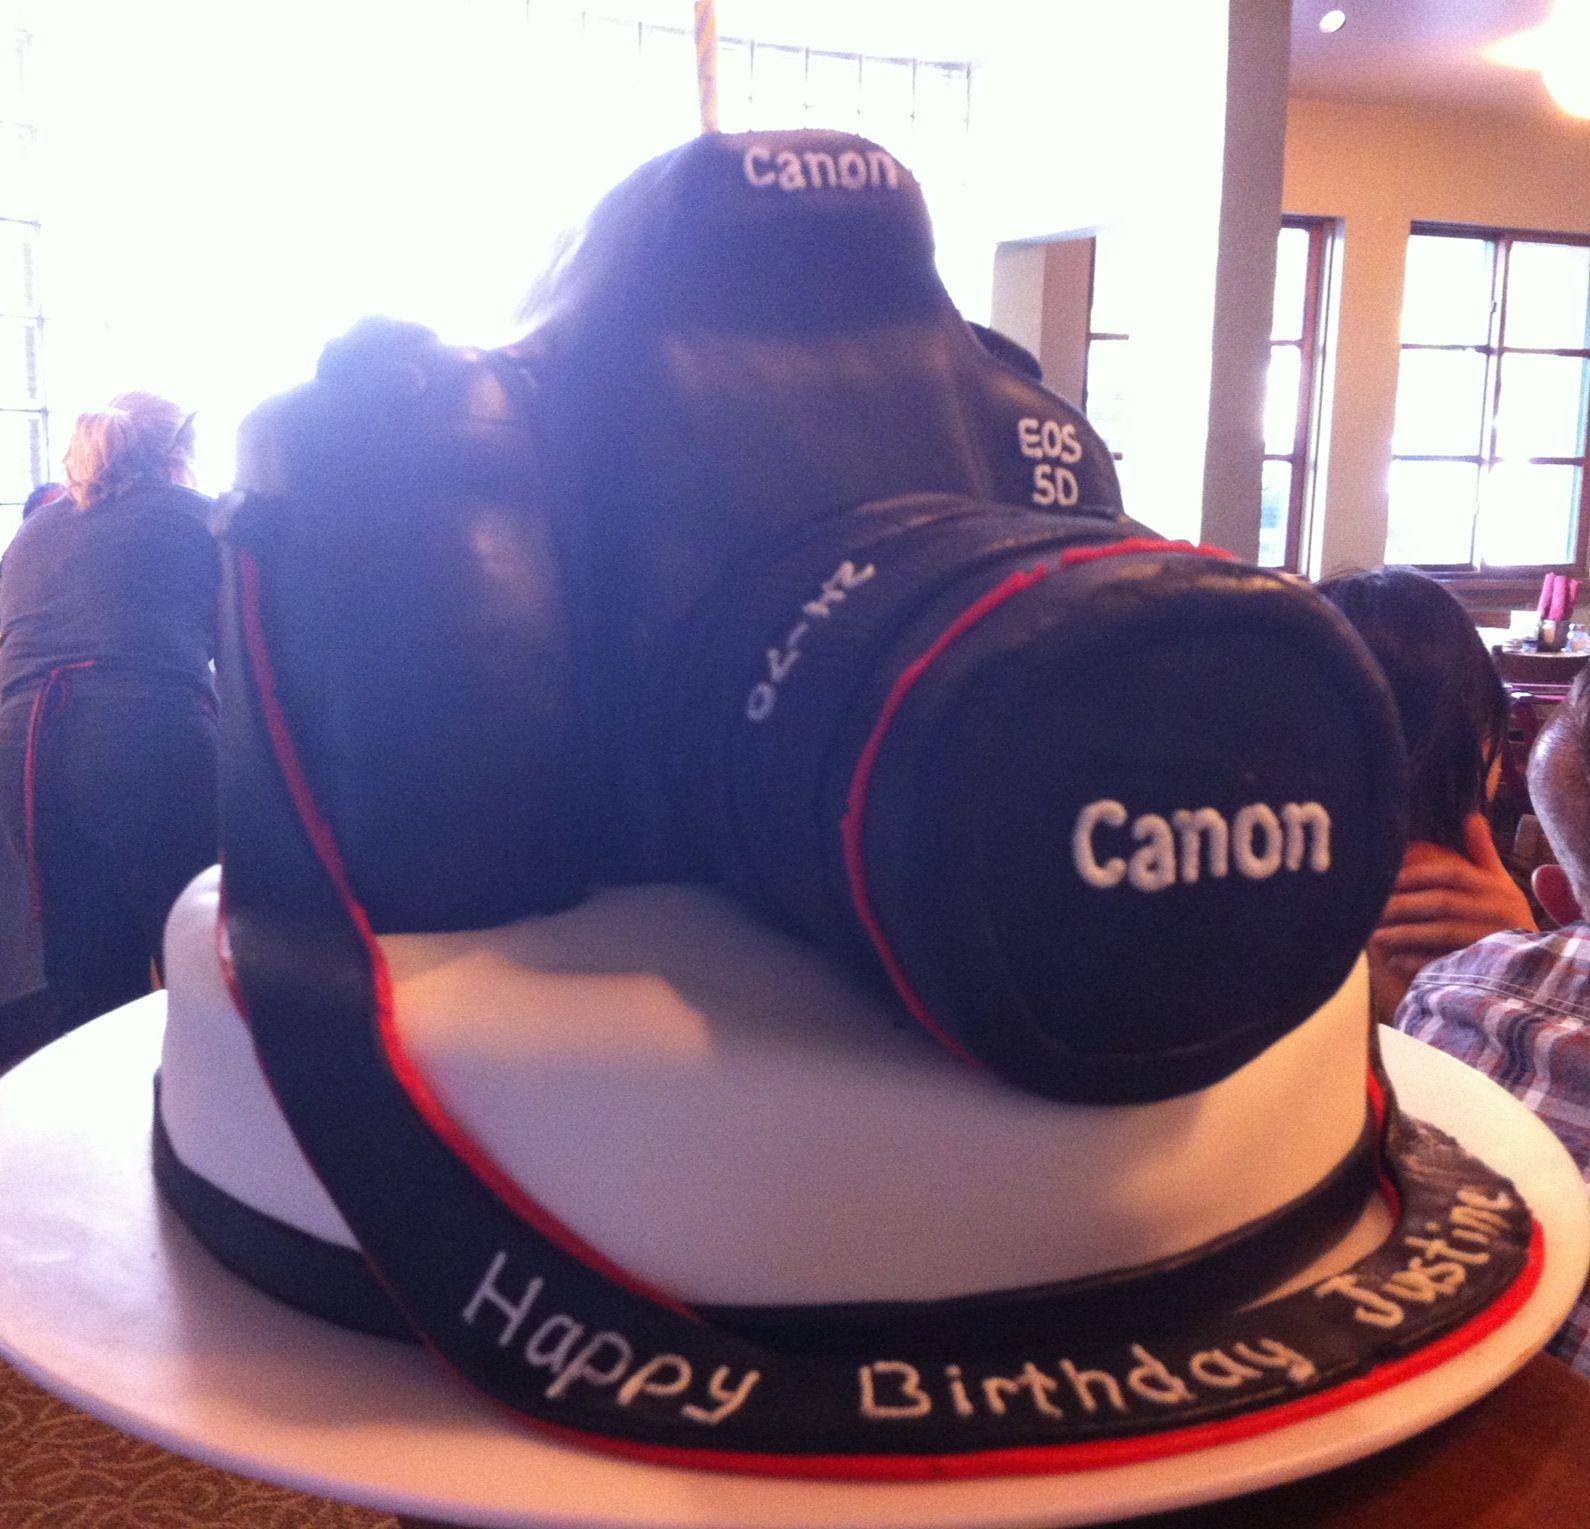 Birthday Cake Images Camera : Amazing camera birthday cake. recipes :: cakes Pinterest